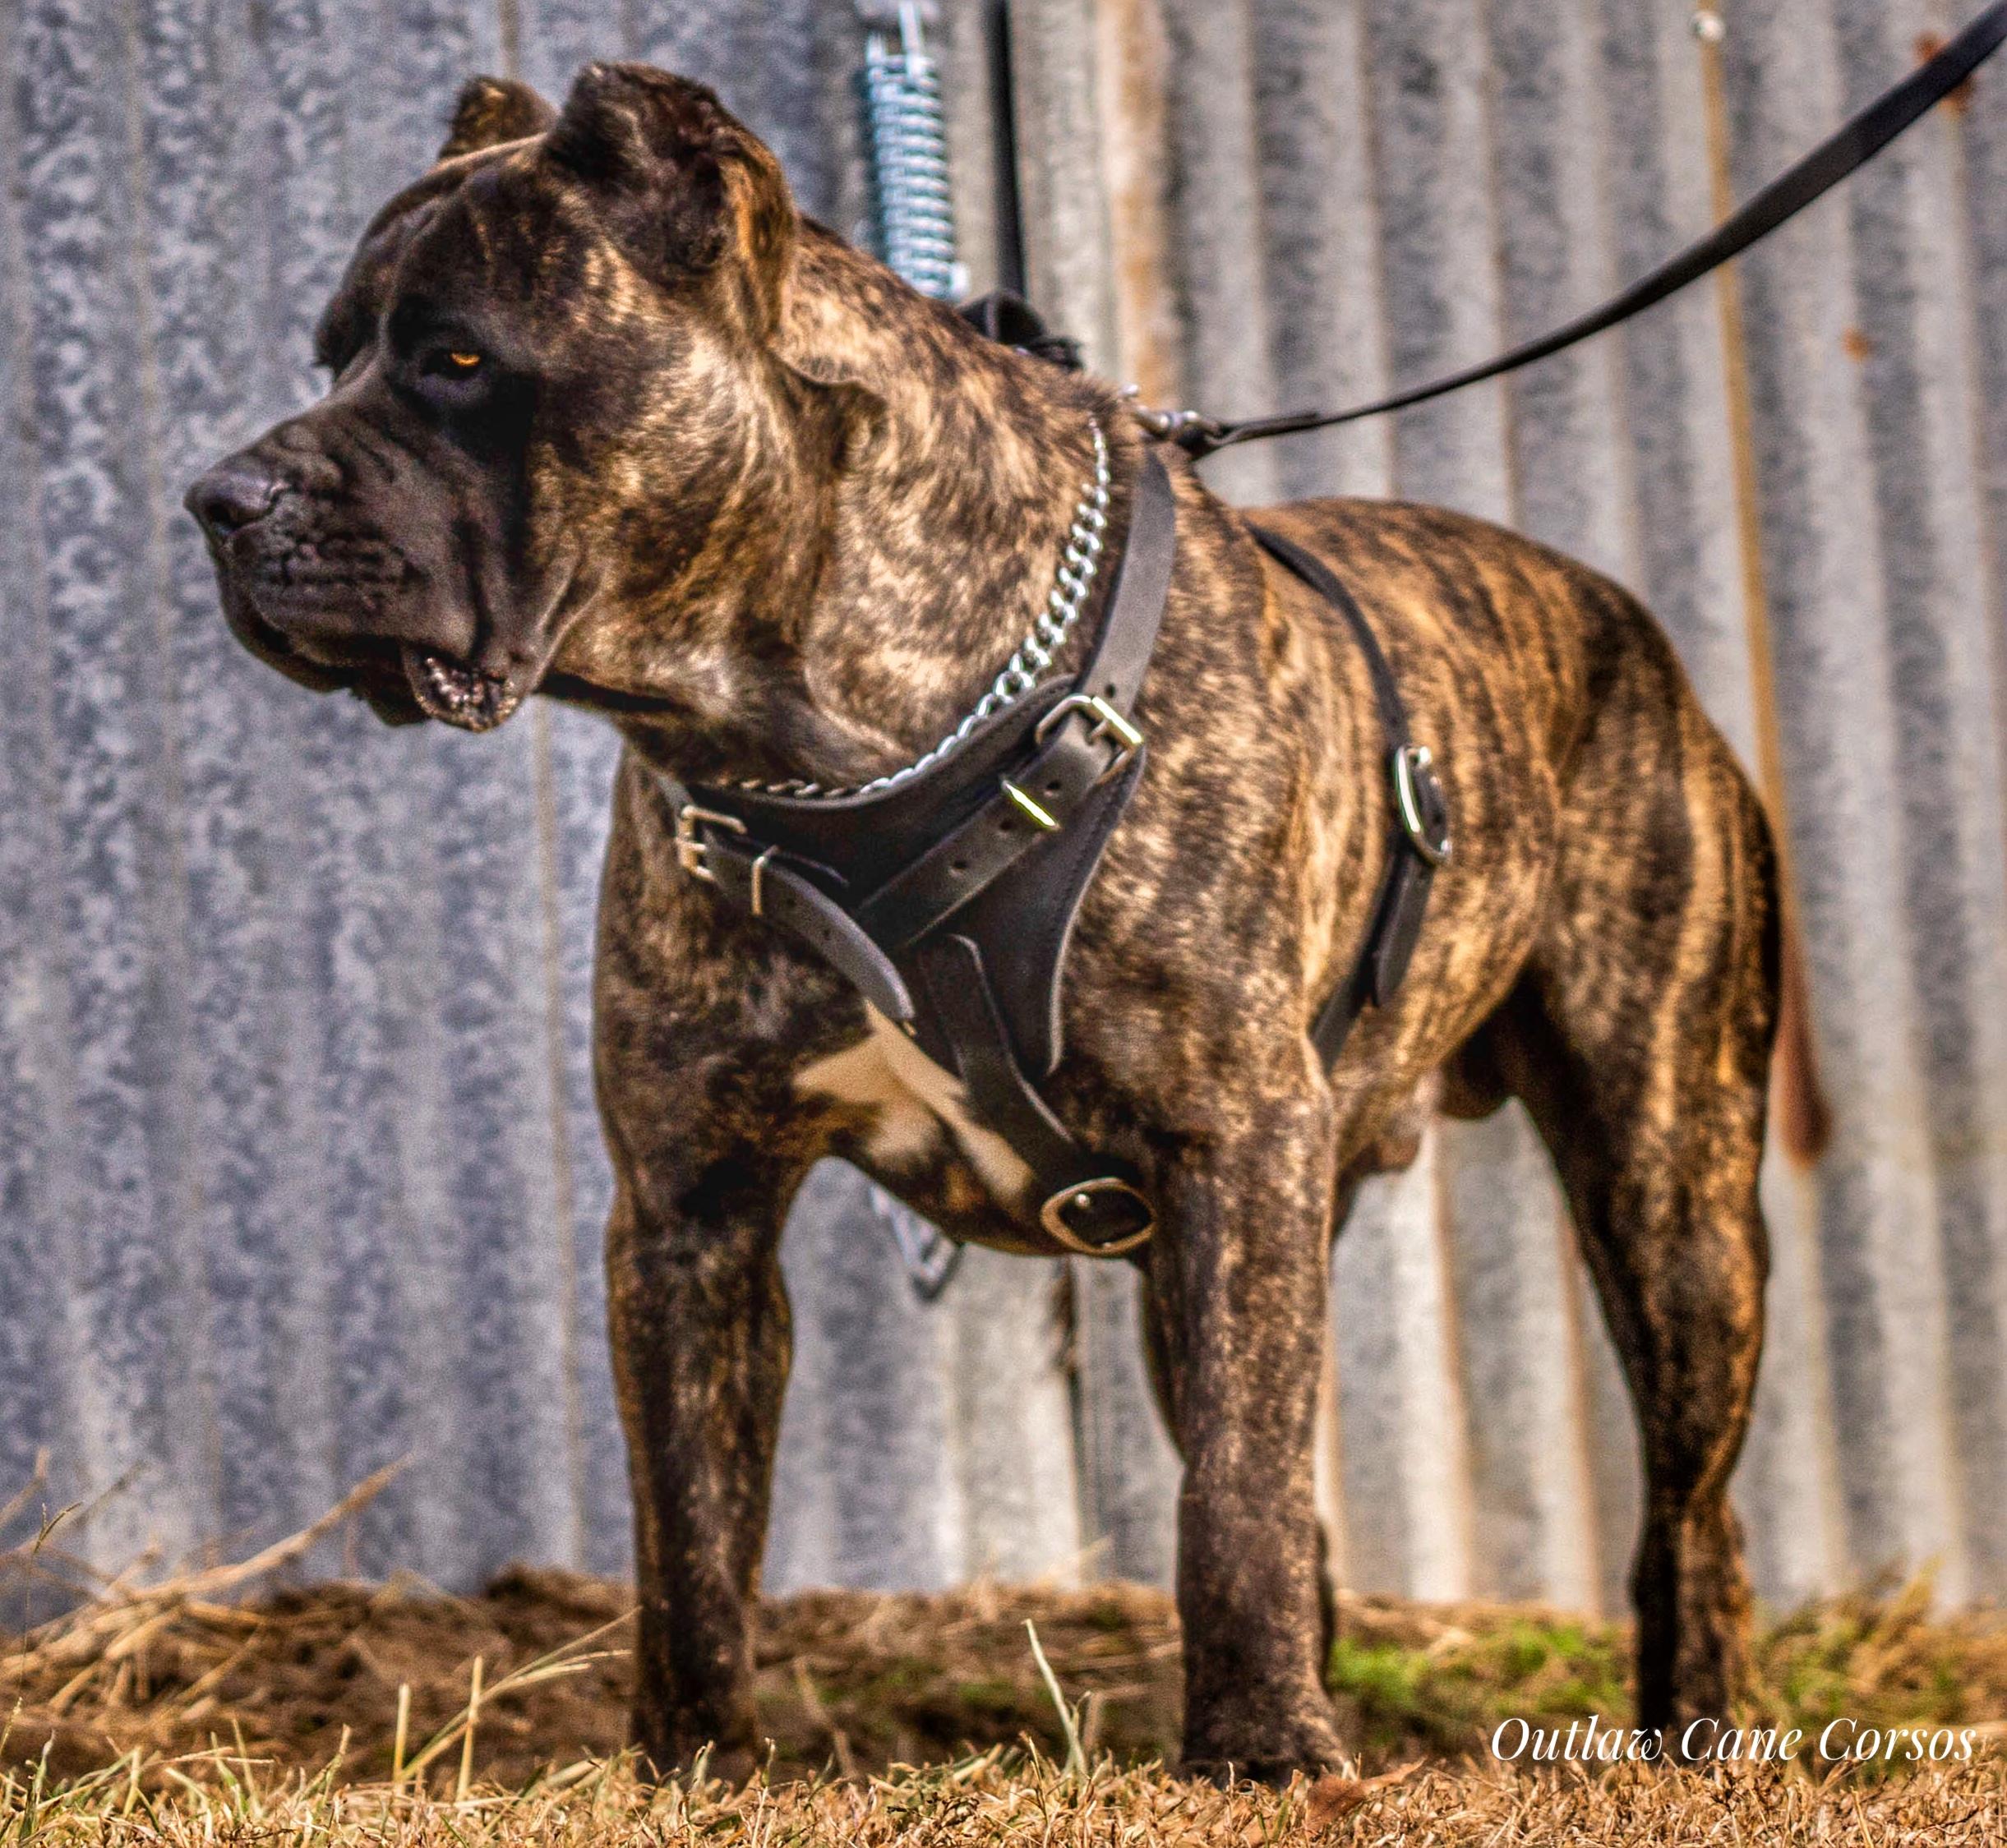 Cane Corso protection dog